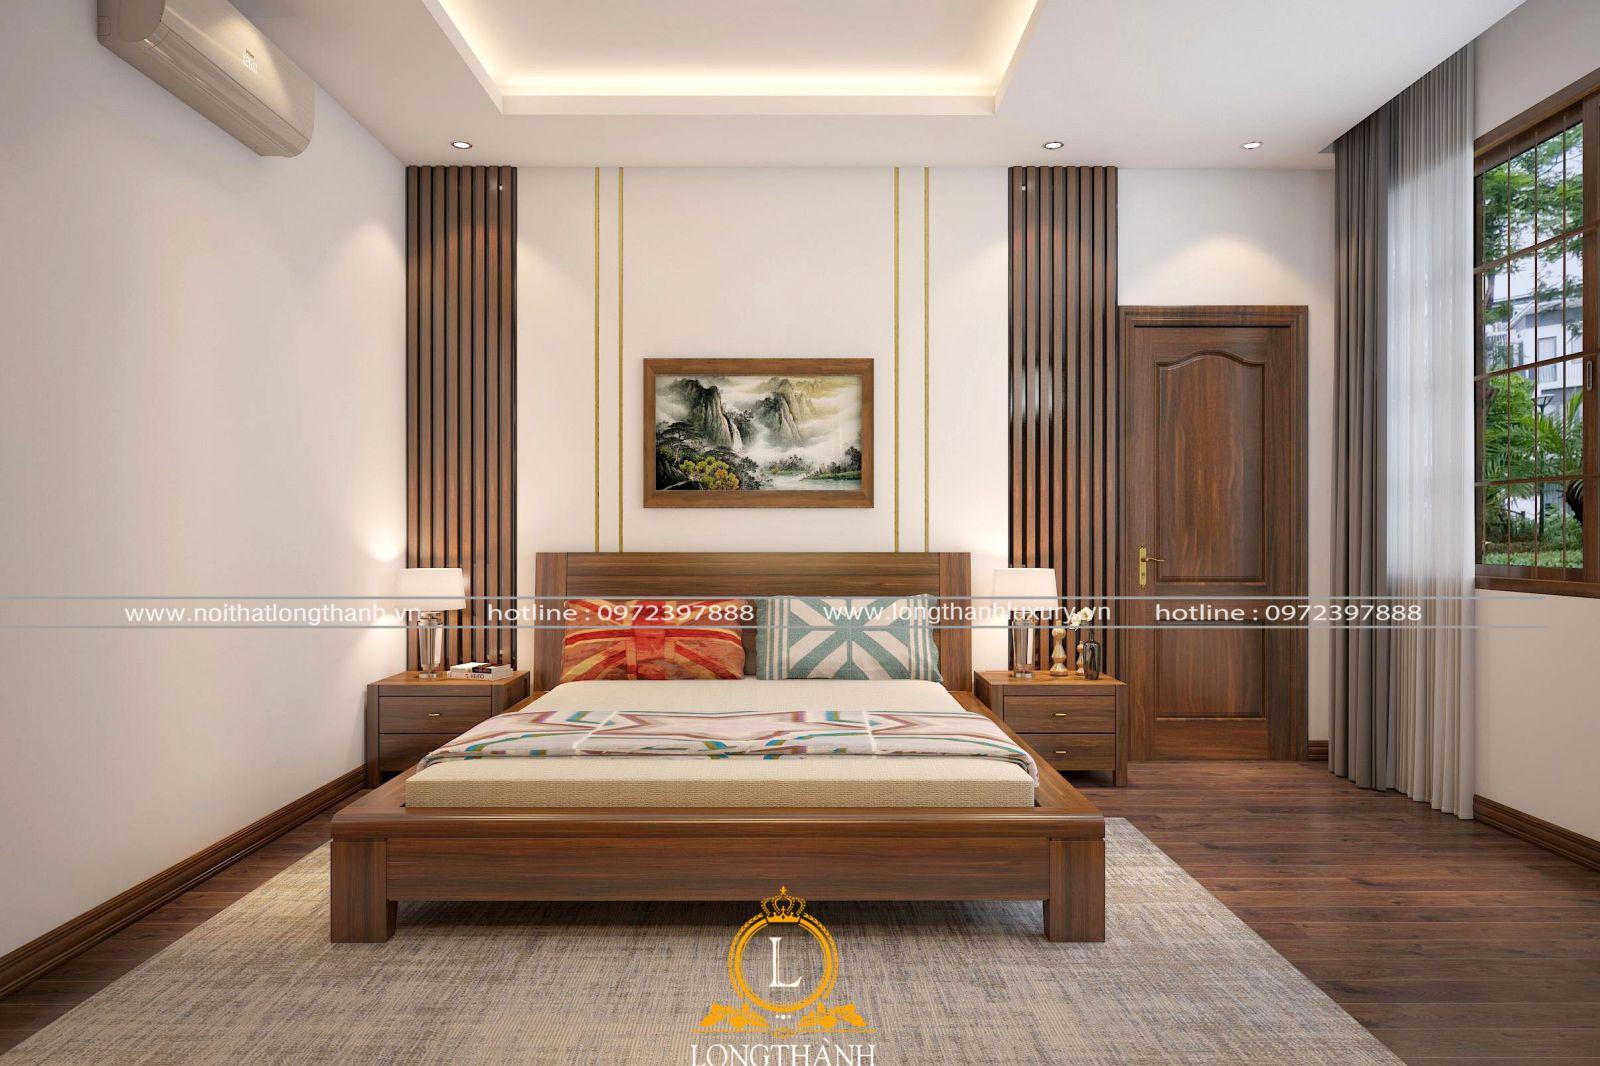 Phòng ngủ hiện đại đơn giản được thiết kế ngăn nắp